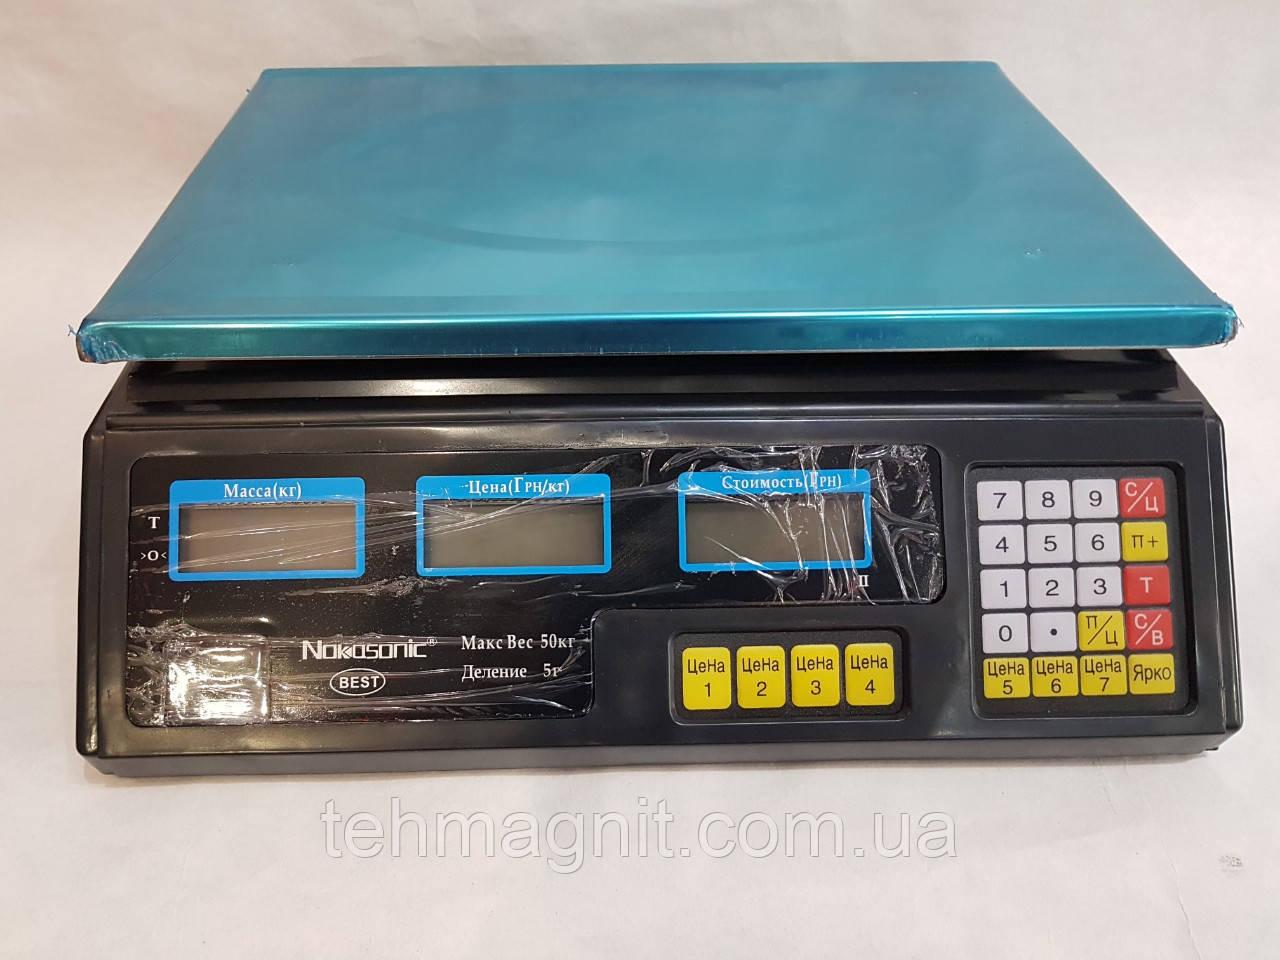 Весы торговые электронные со счетчиком цены на 50кг Nokasonic. Ровная платформа